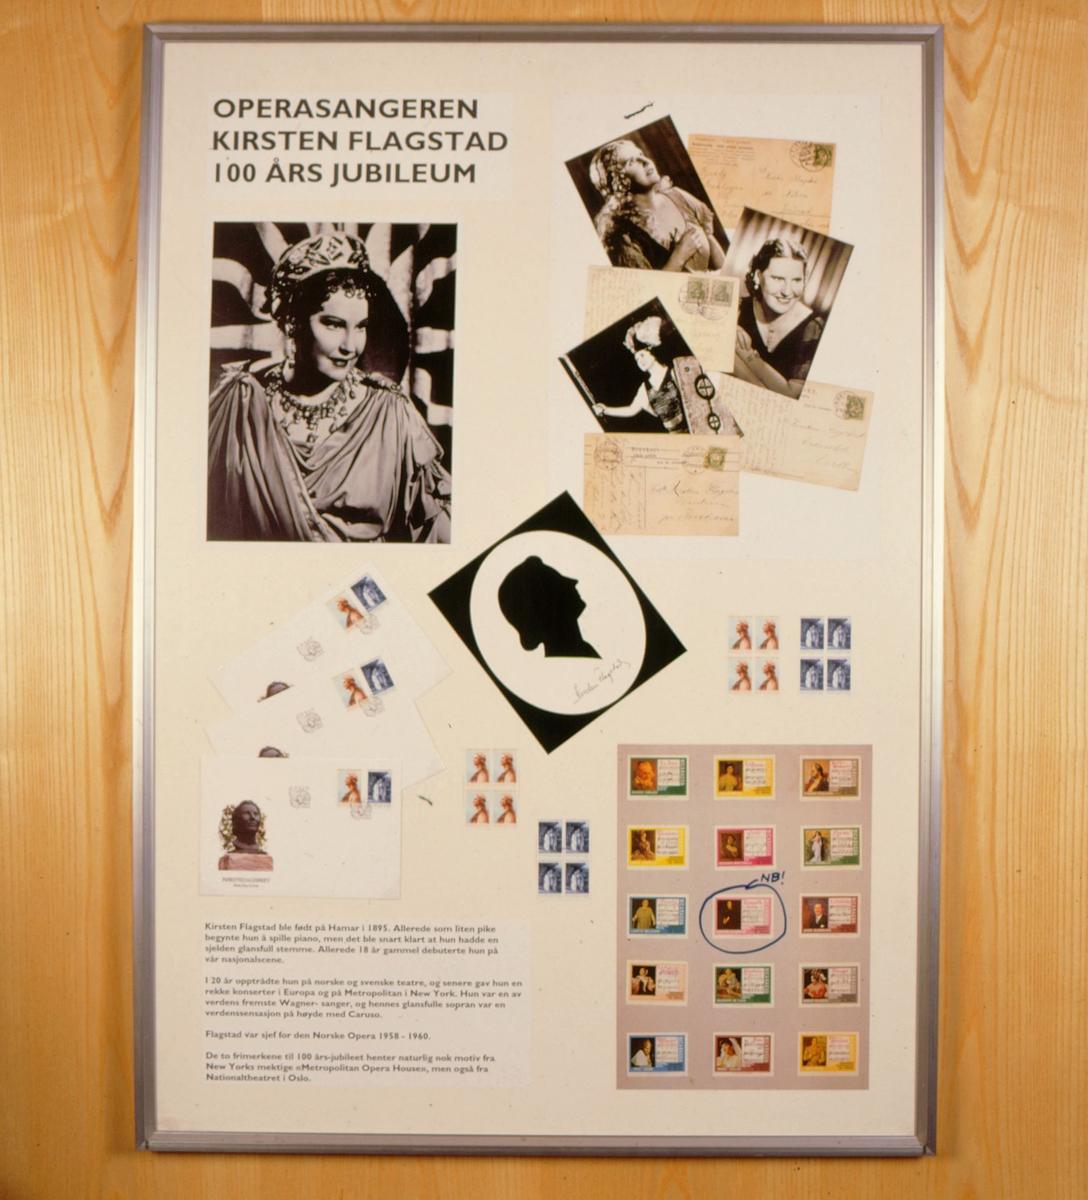 postmuseet, Kirkegata 20, utstilling, frimerker, NK 1232, NK 1233, Kirsten Flagstad 100 år, 26. juni 1995